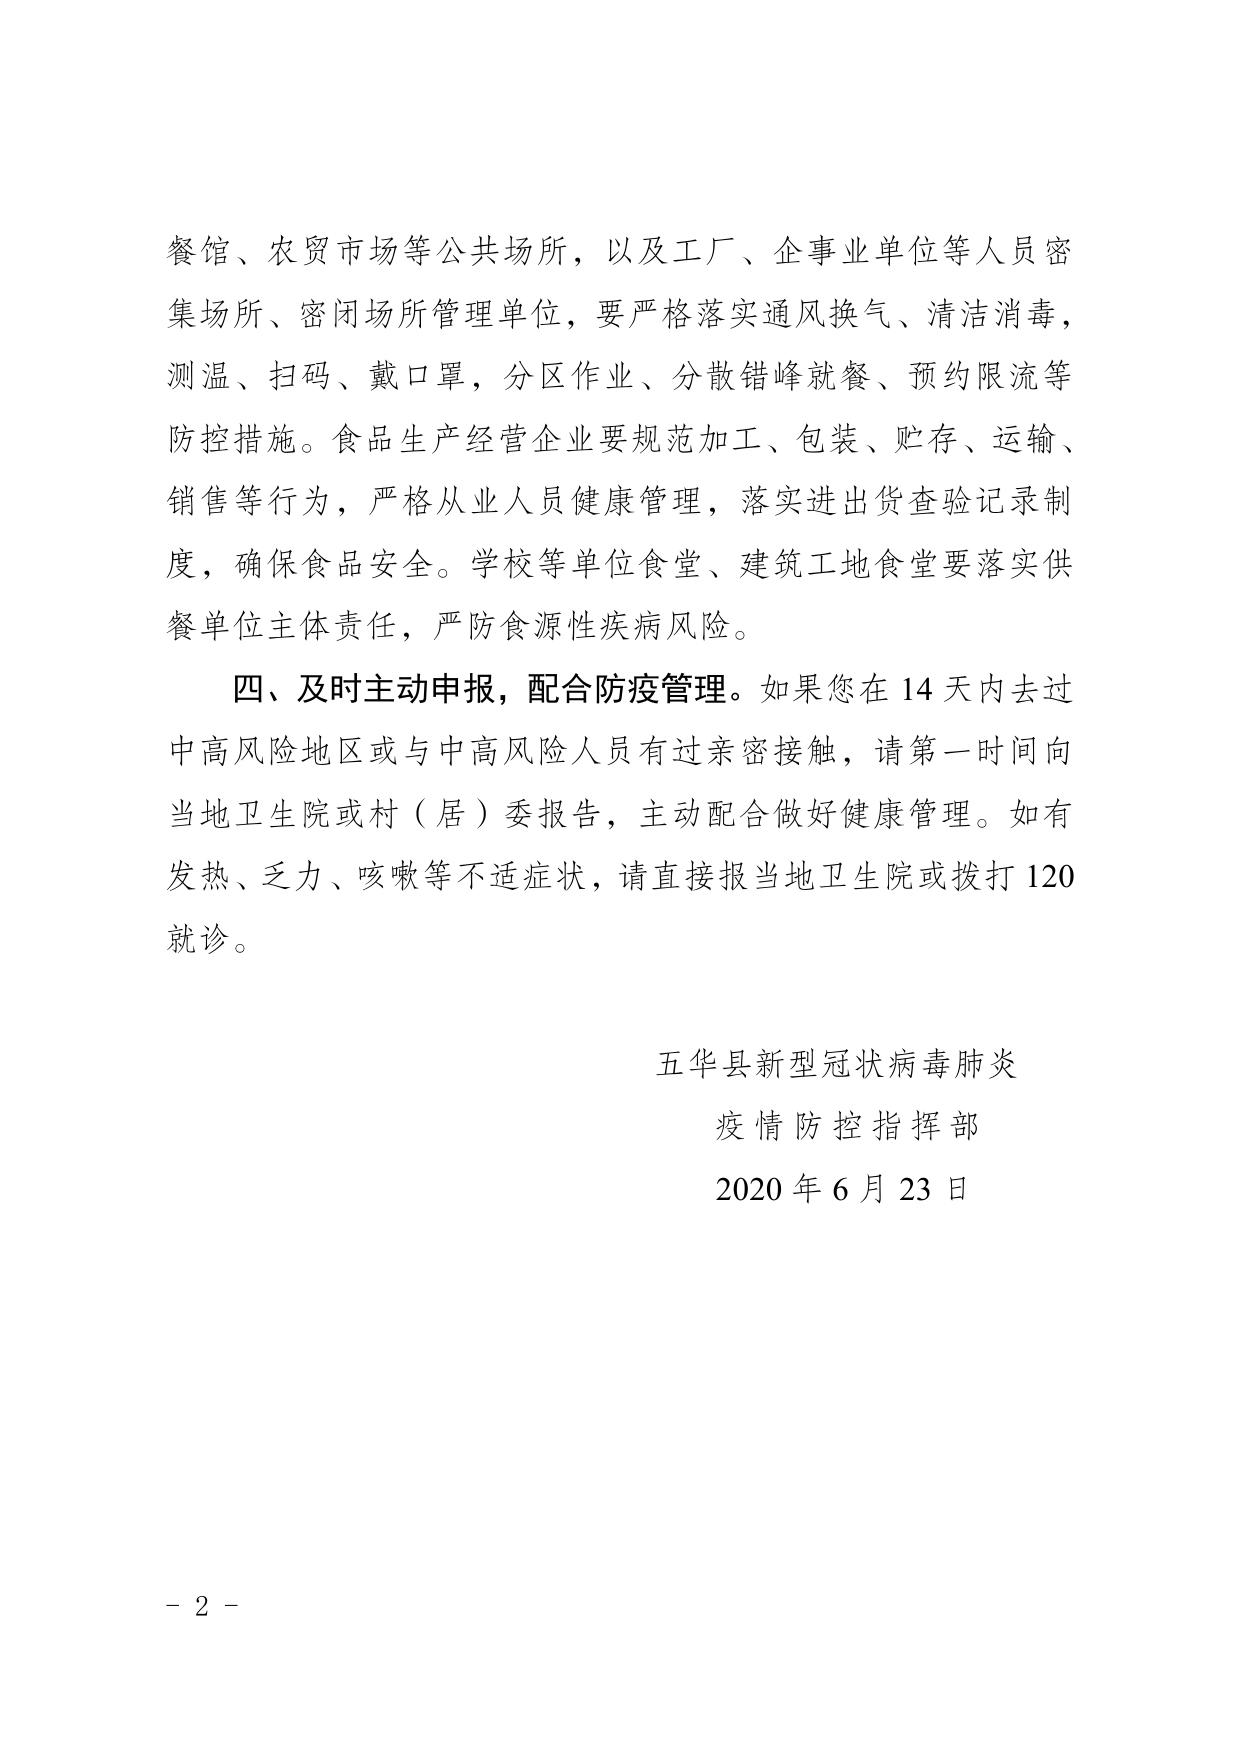 五华县新型冠状病毒感染的肺炎疫情防控指挥部通告(第12号)(1)0001.jpg